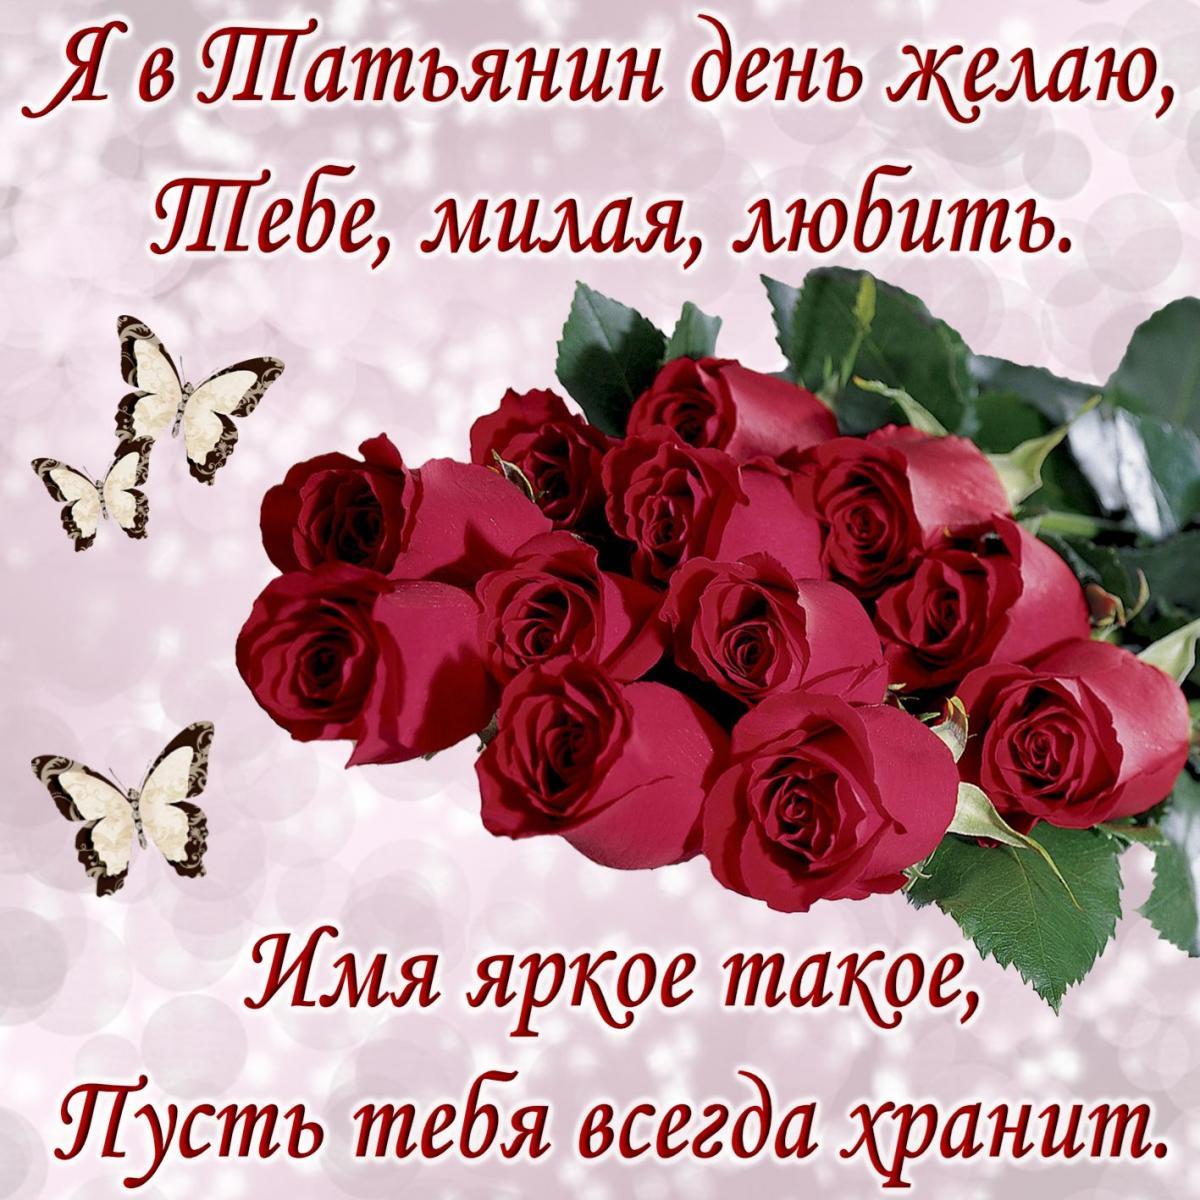 Татьянин день - поздравления/ kartinki-life.ru